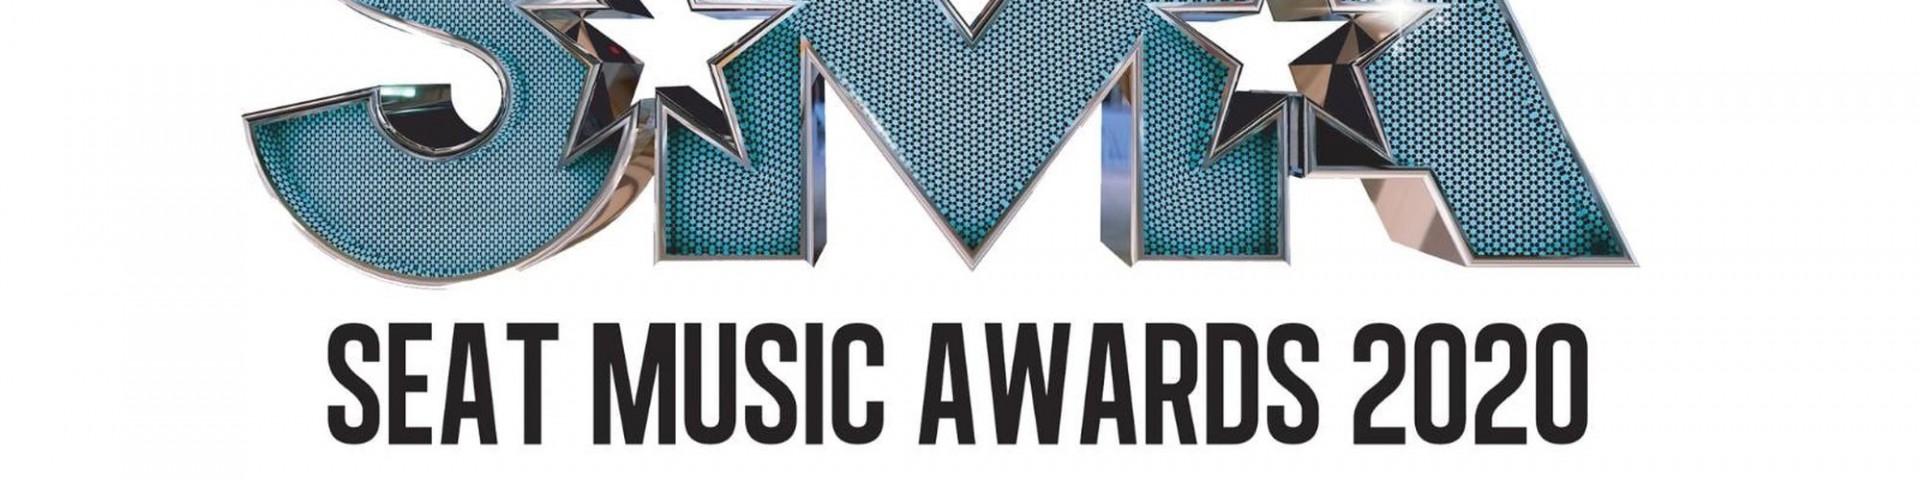 Seat Music Awards 2020: scaletta e ordine di uscita del 6 settembre